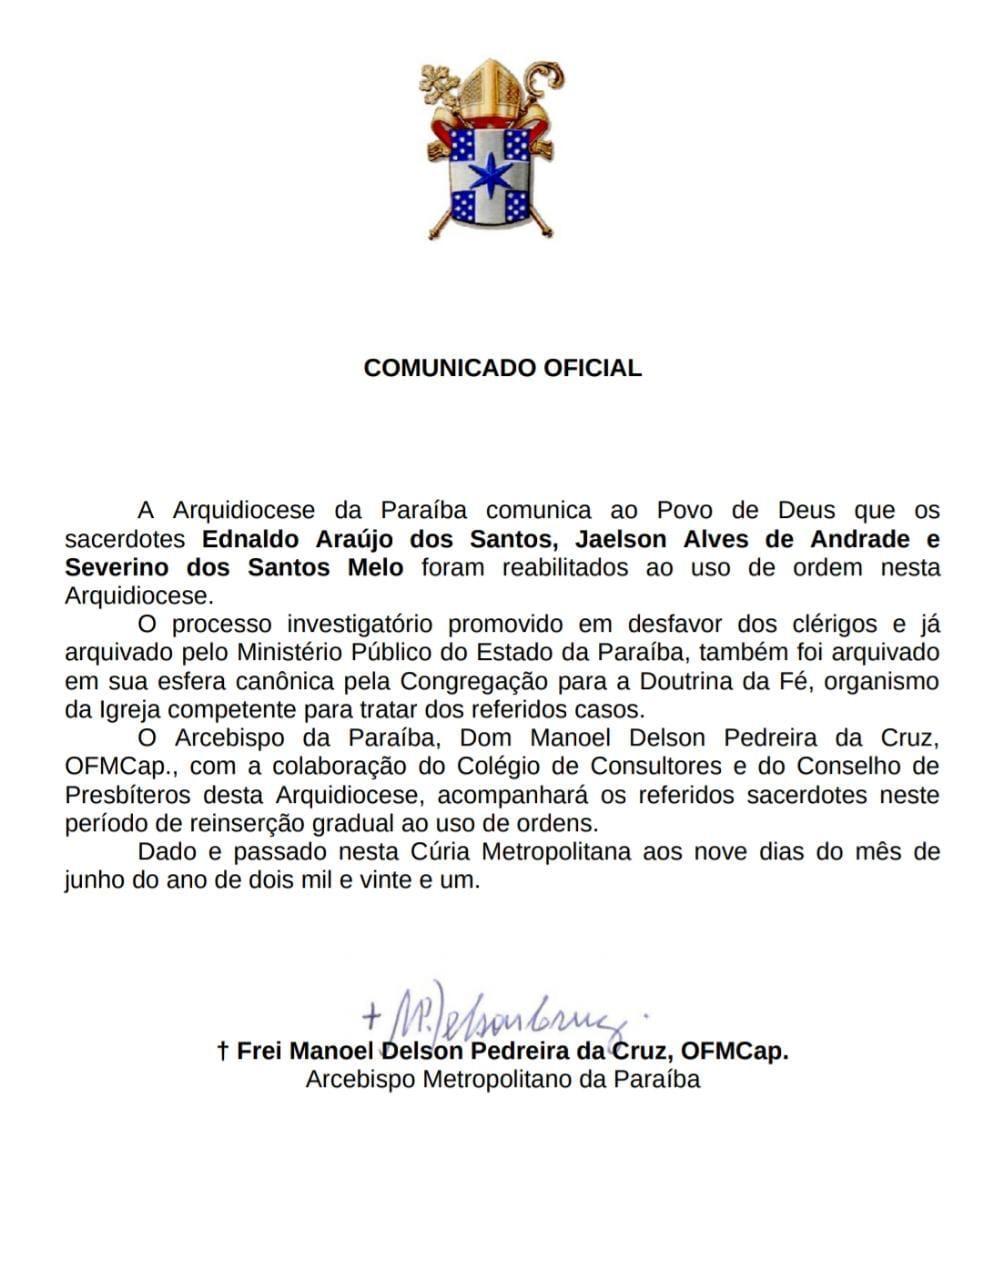 WhatsApp Image 2021 06 12 at 17.26.12 - 'PROCESSOS ARQUIVADOS': Arquidiocese da Paraíba anuncia reabilitação de três padres que eram investigados por exploração sexual